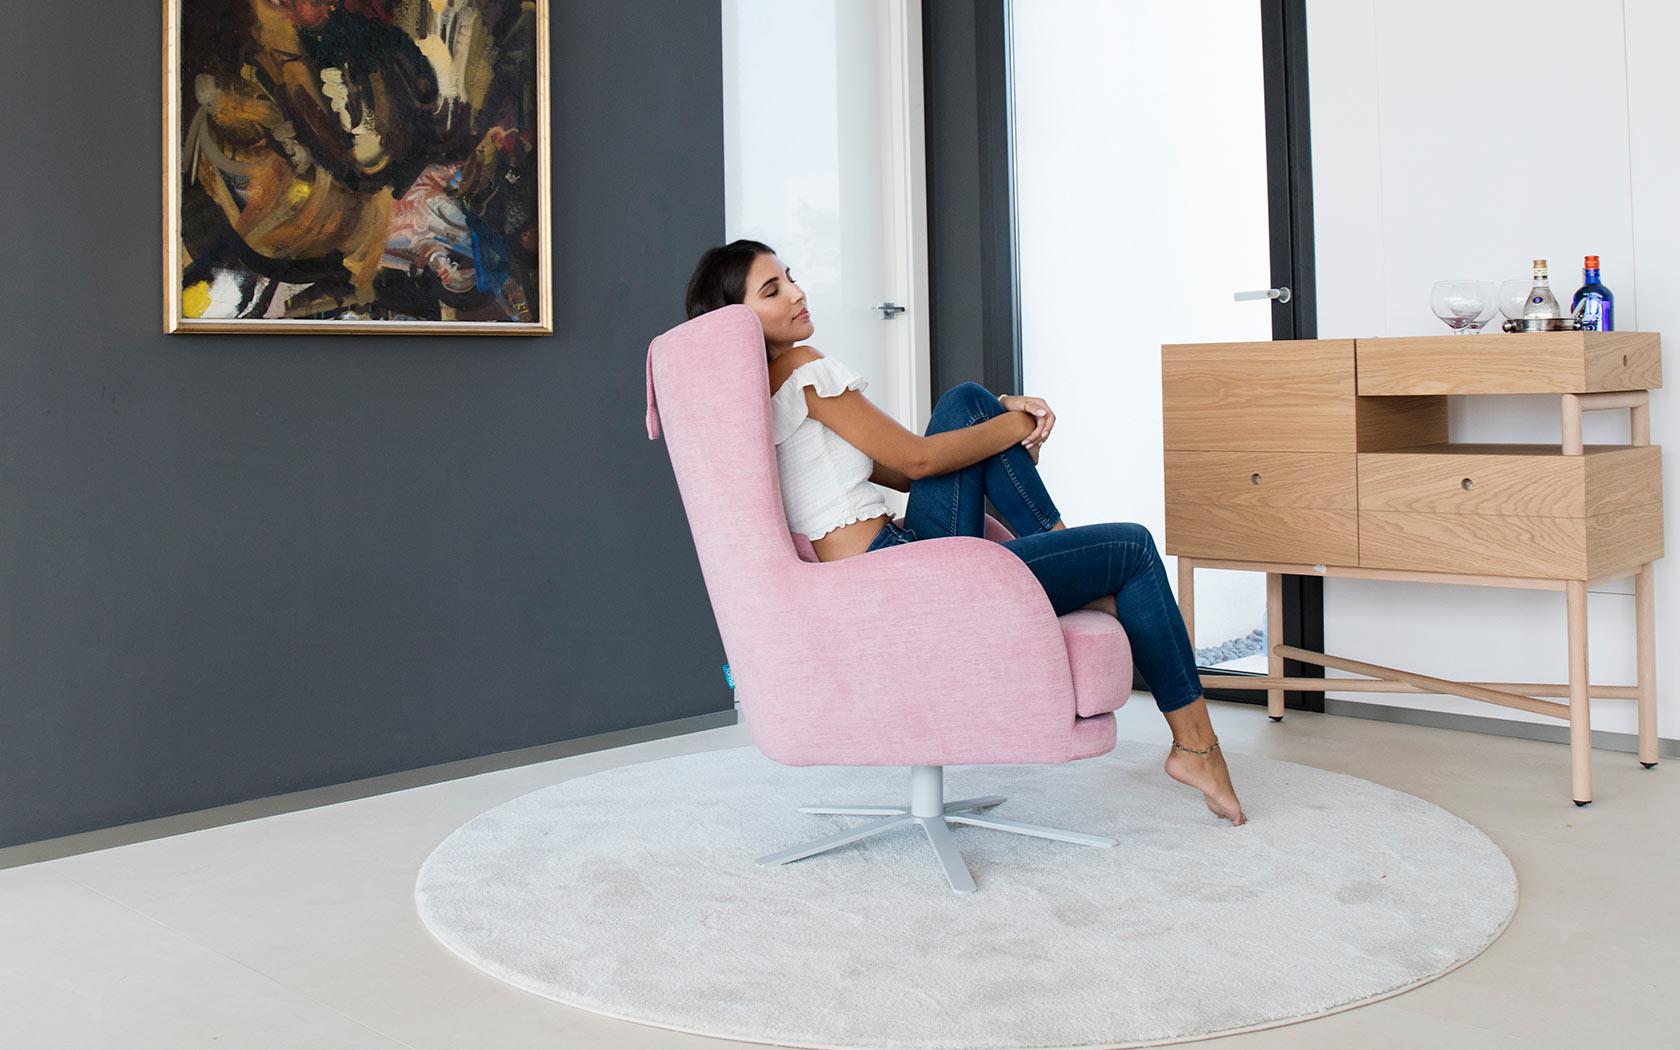 Kylian sillón Fama 2019 03